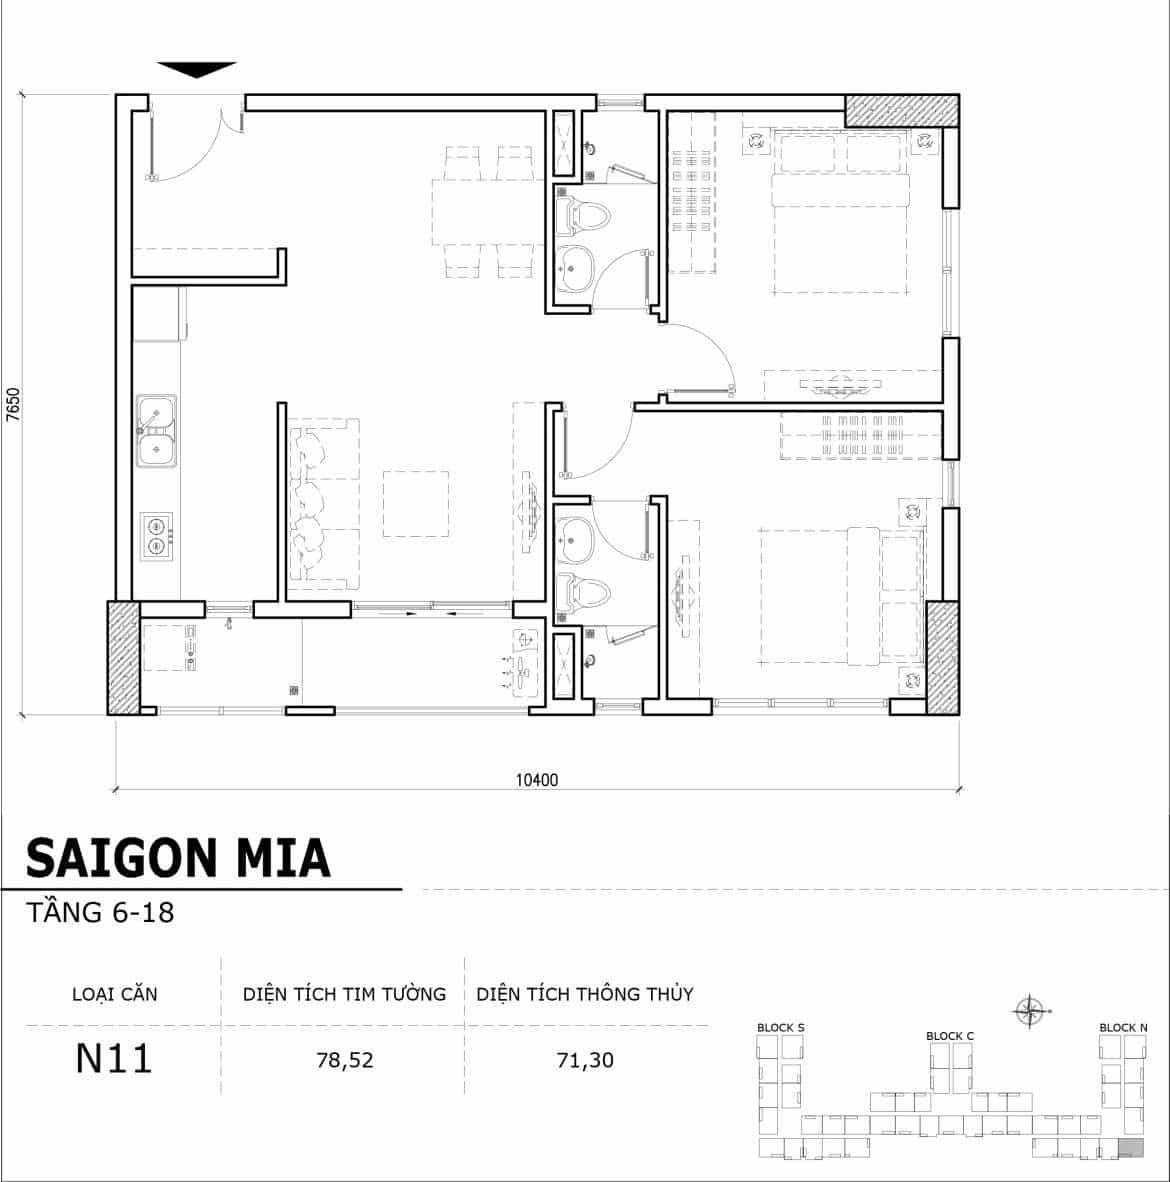 Chi tiết thiết kế căn hộ điển hình tầng 6-18 dự án Sài Gòn Mia - Căn N11